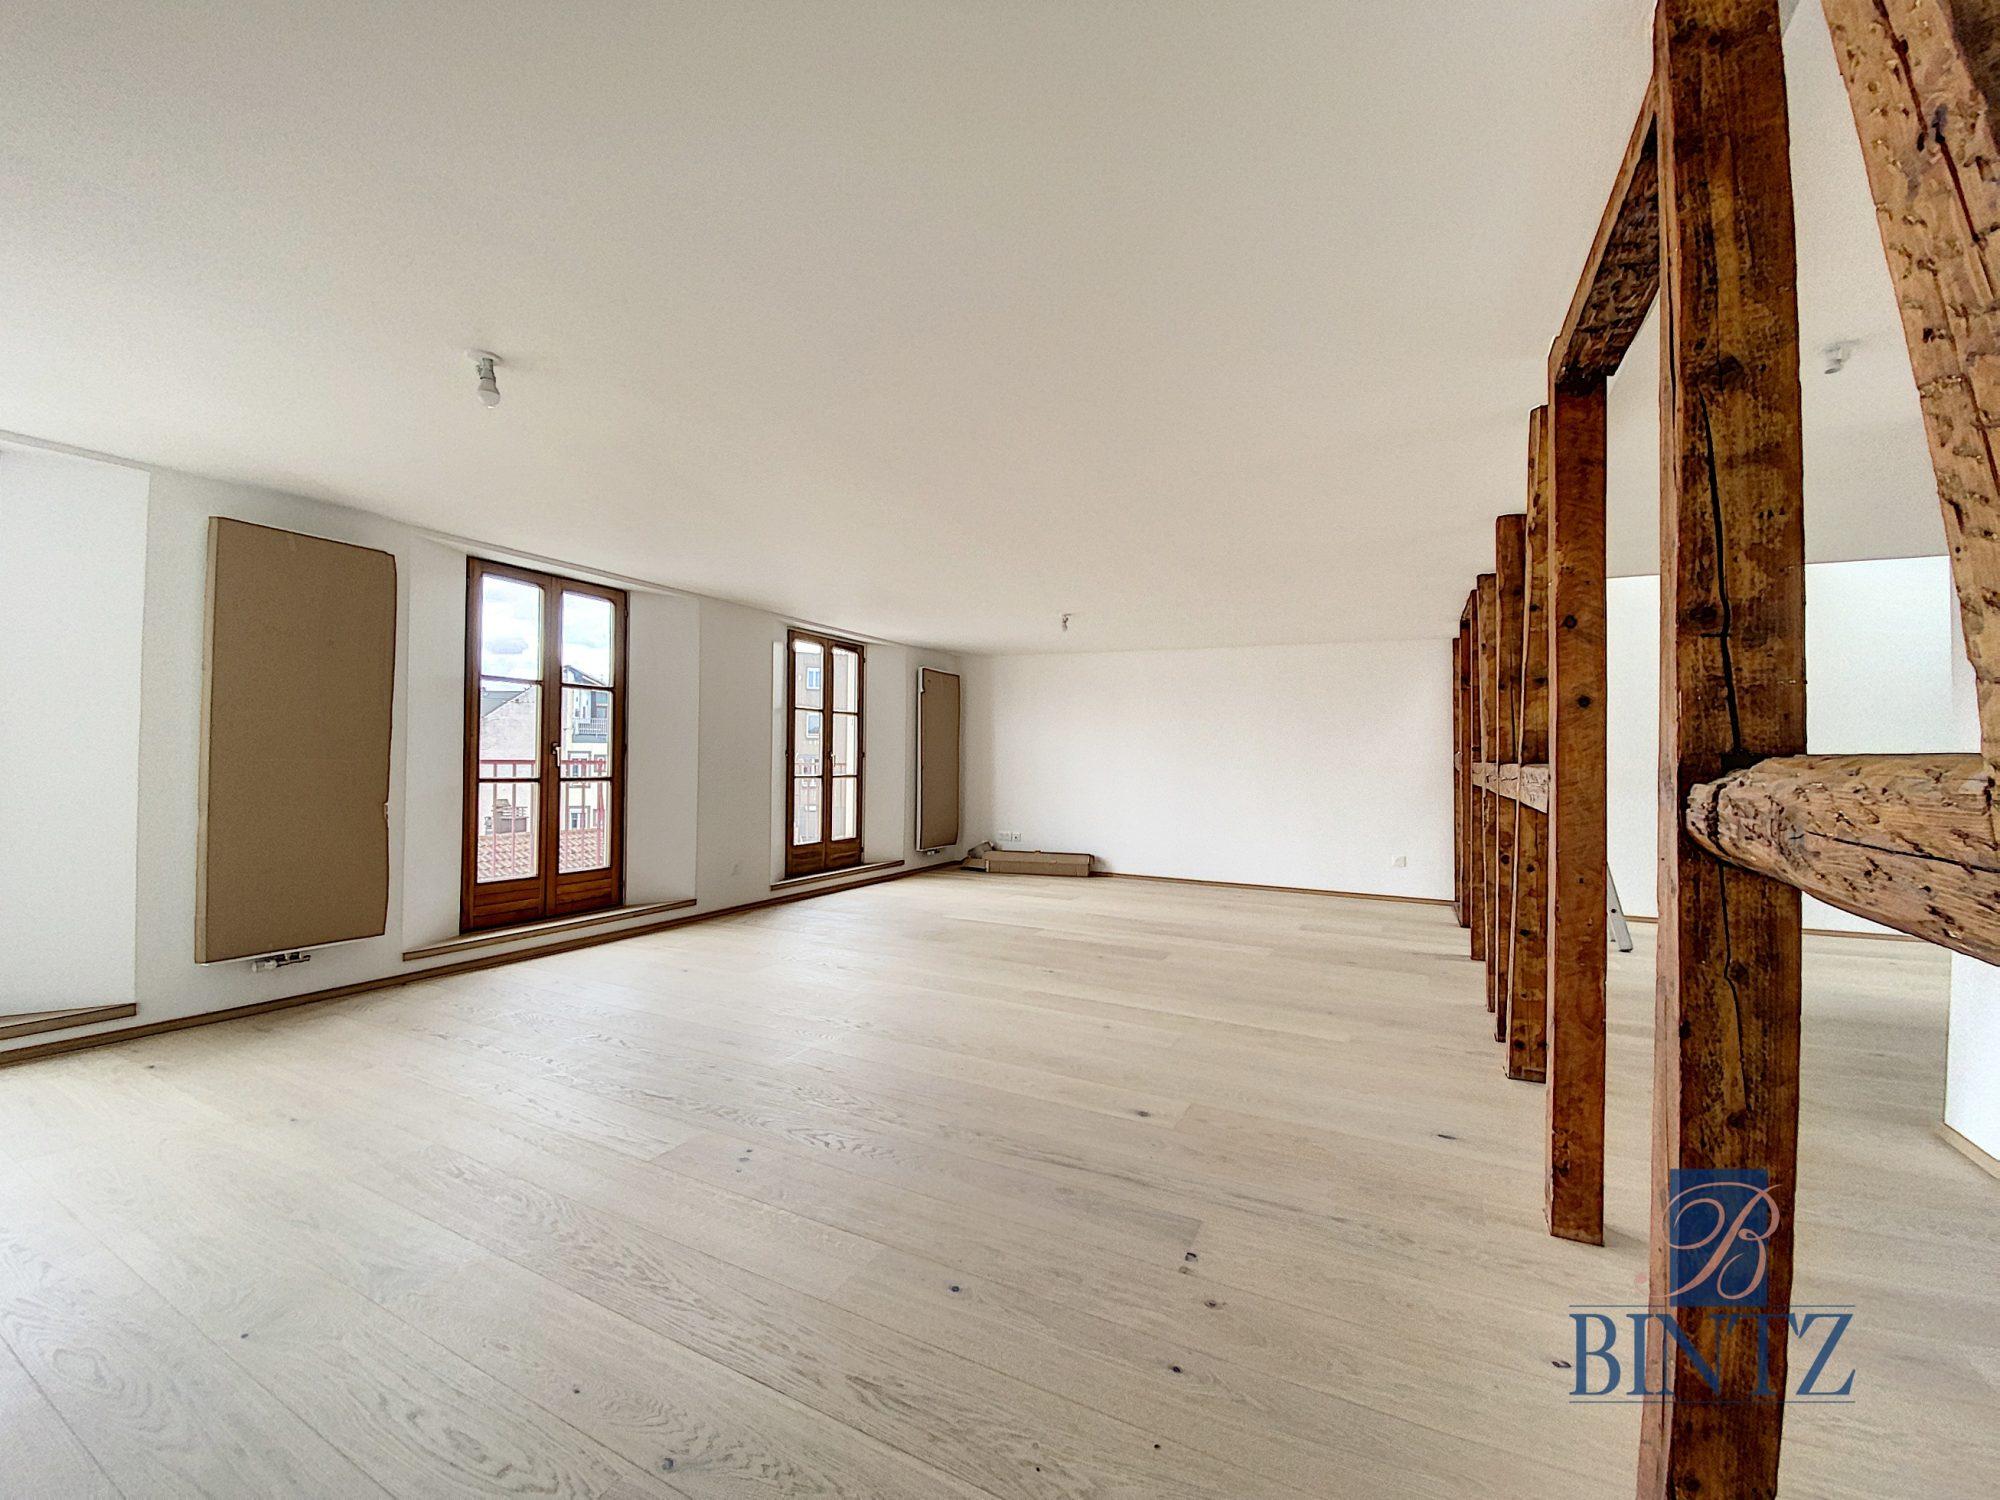 4 pièces refait à neuf quartier Gare - Devenez locataire en toute sérénité - Bintz Immobilier - 1